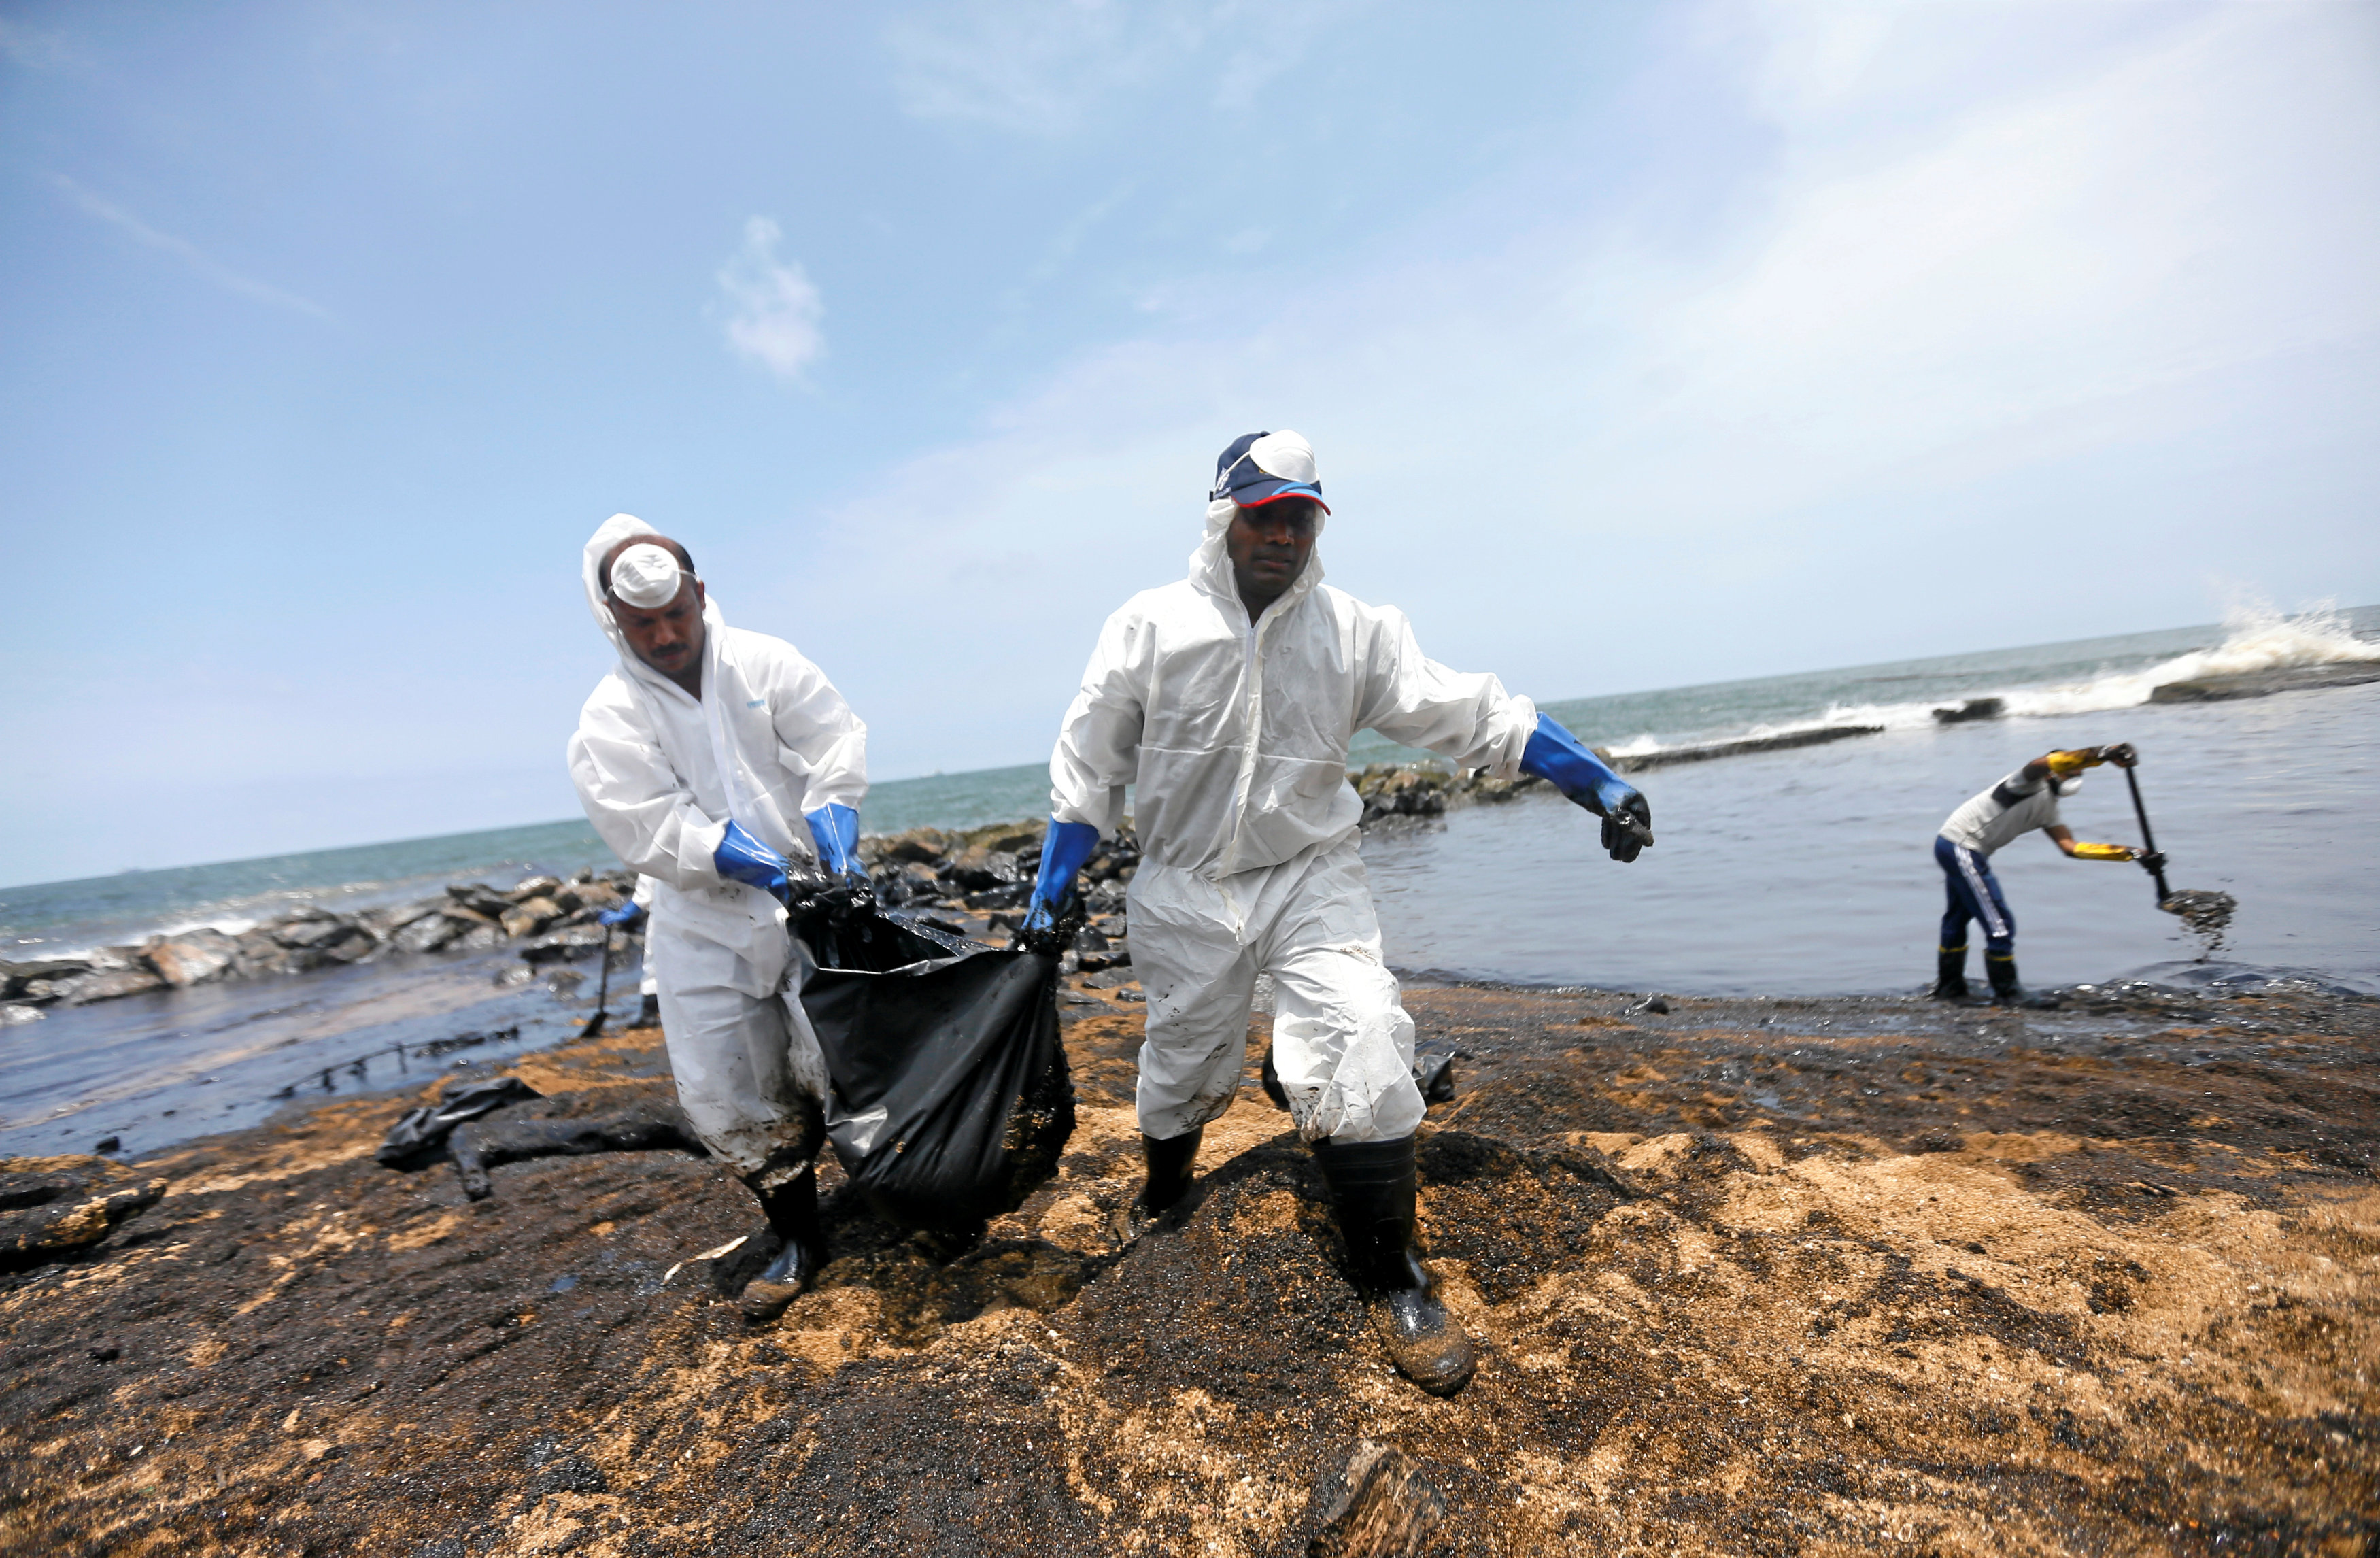 افراد البحرية وخفر السواحل تسحب بقعة الزيت